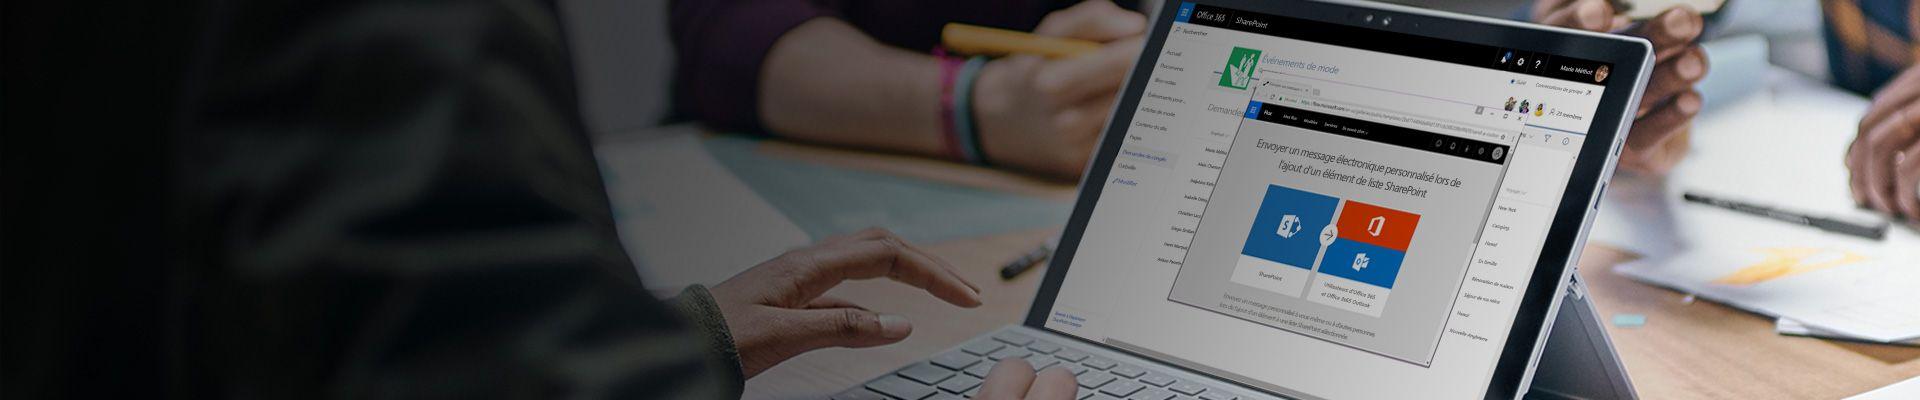 Flow et SharePoint exécutés sur un ordinateur portable